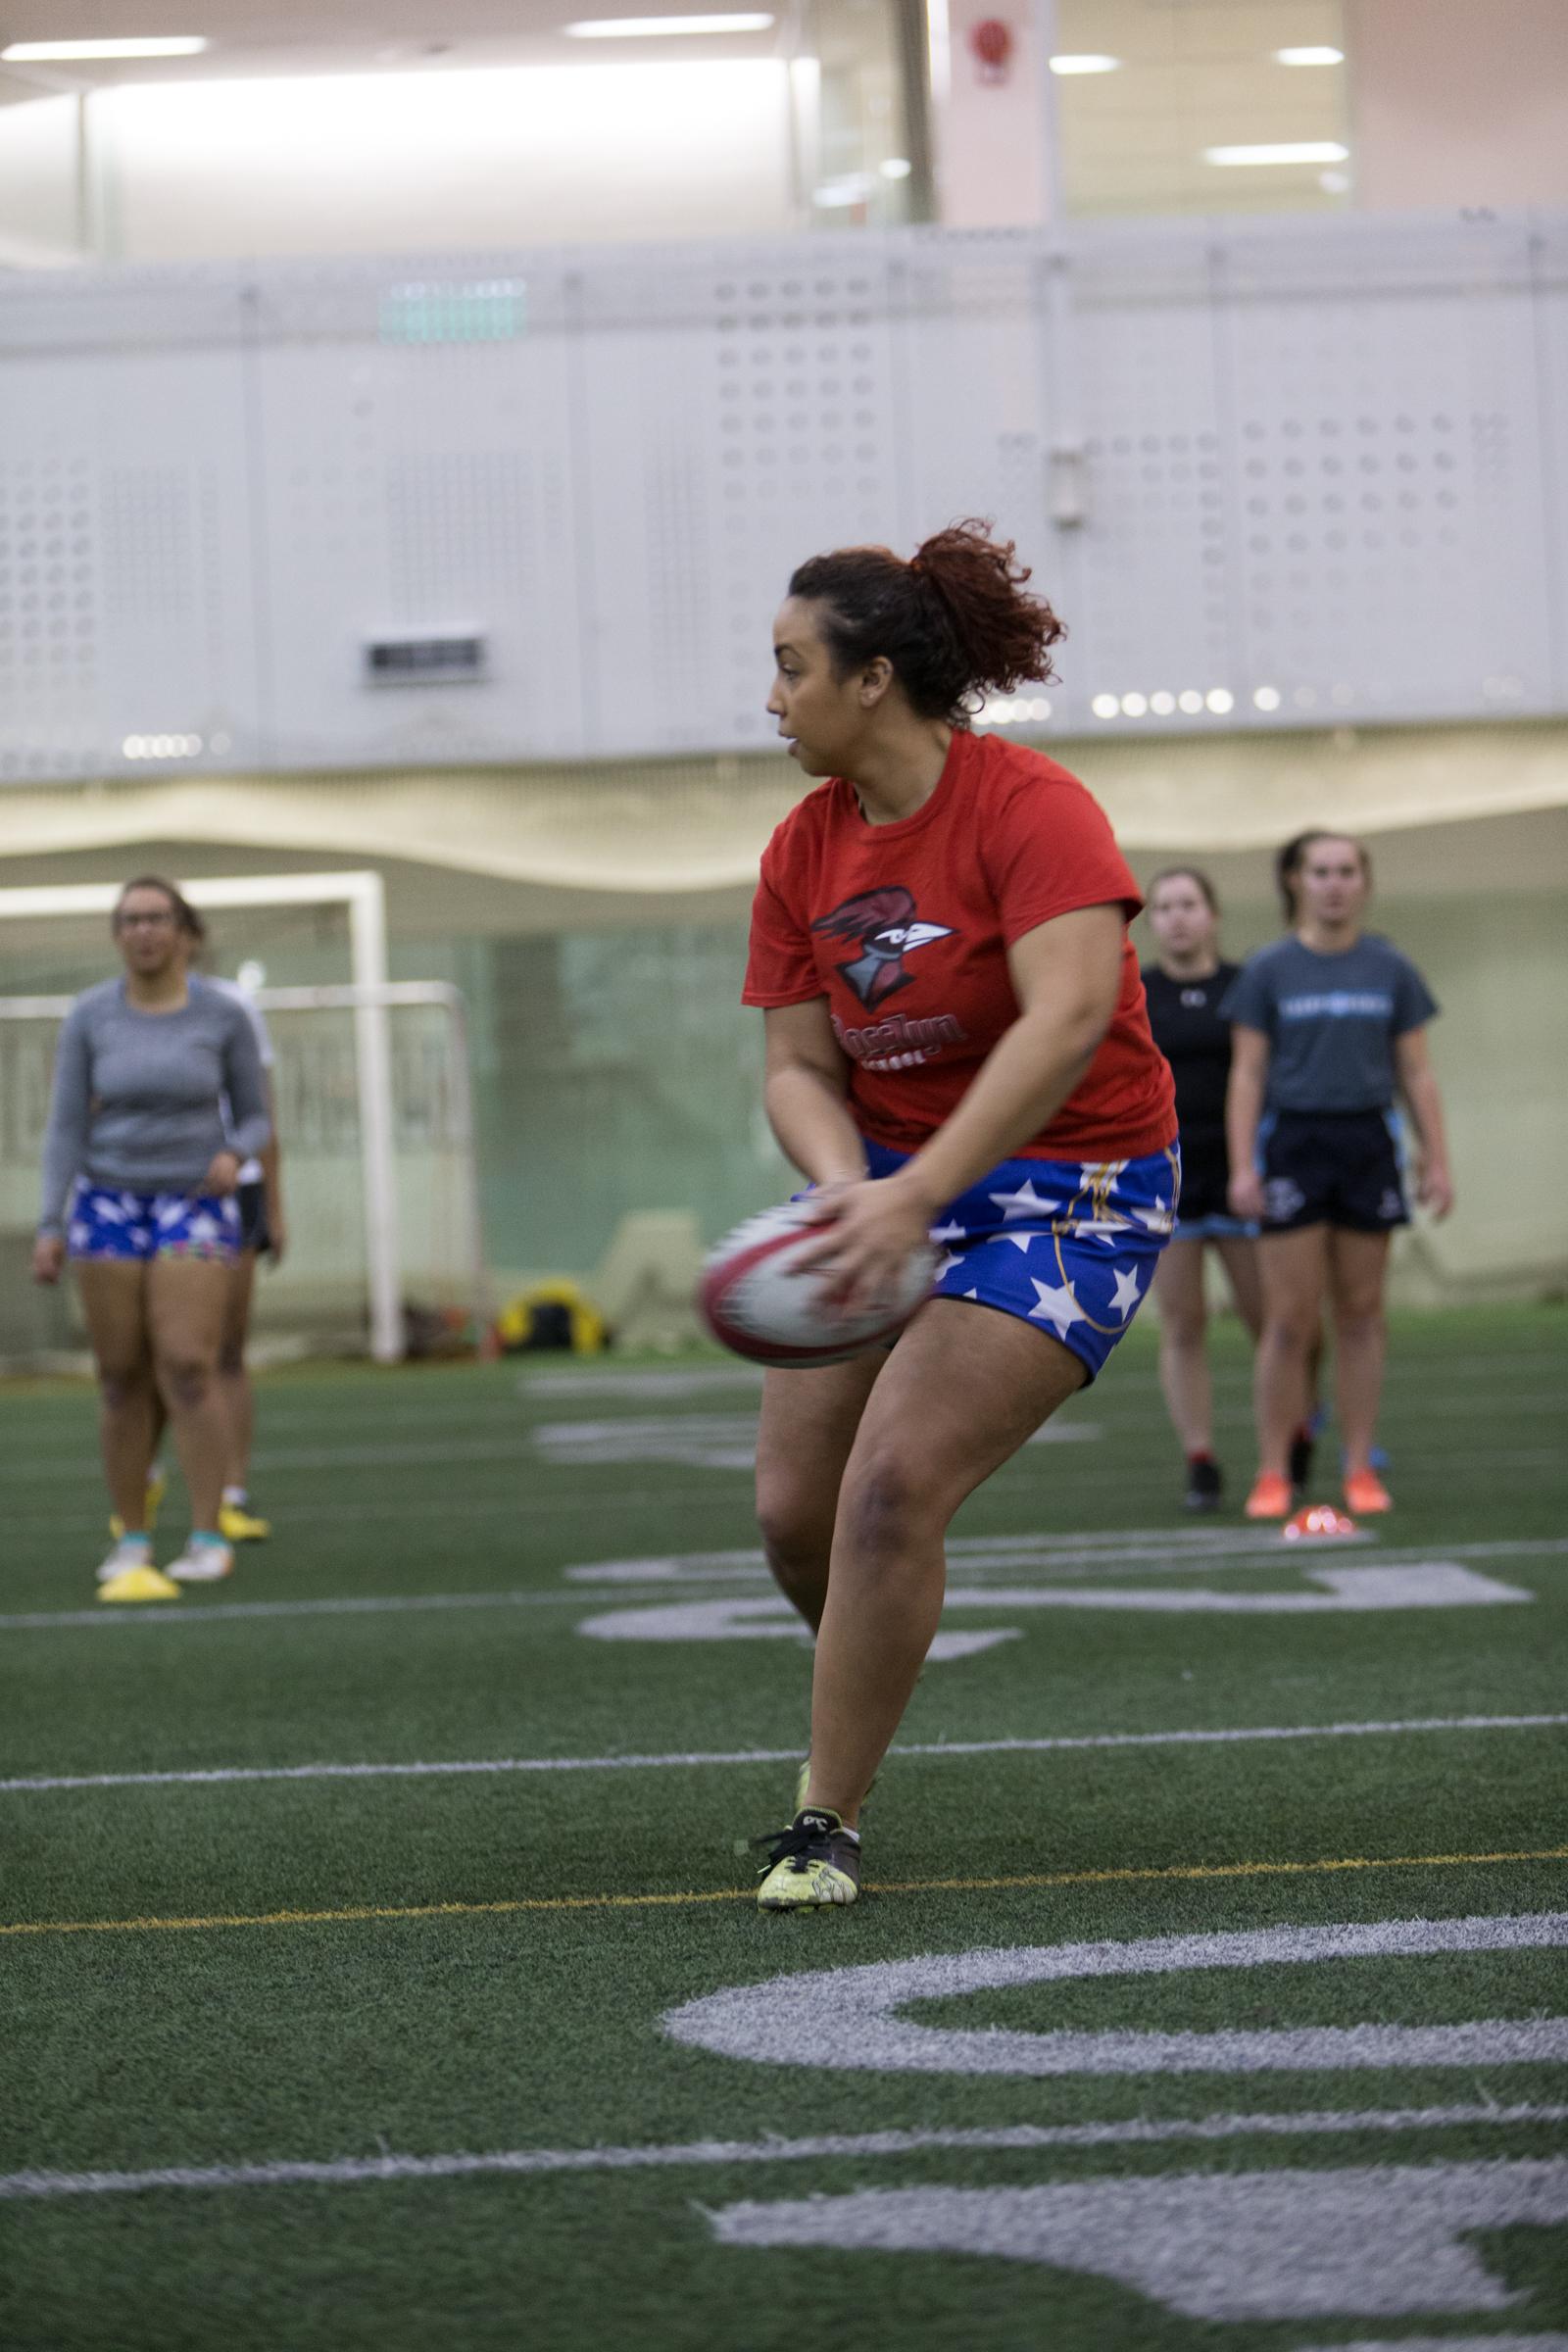 Rugby-20175830.jpg